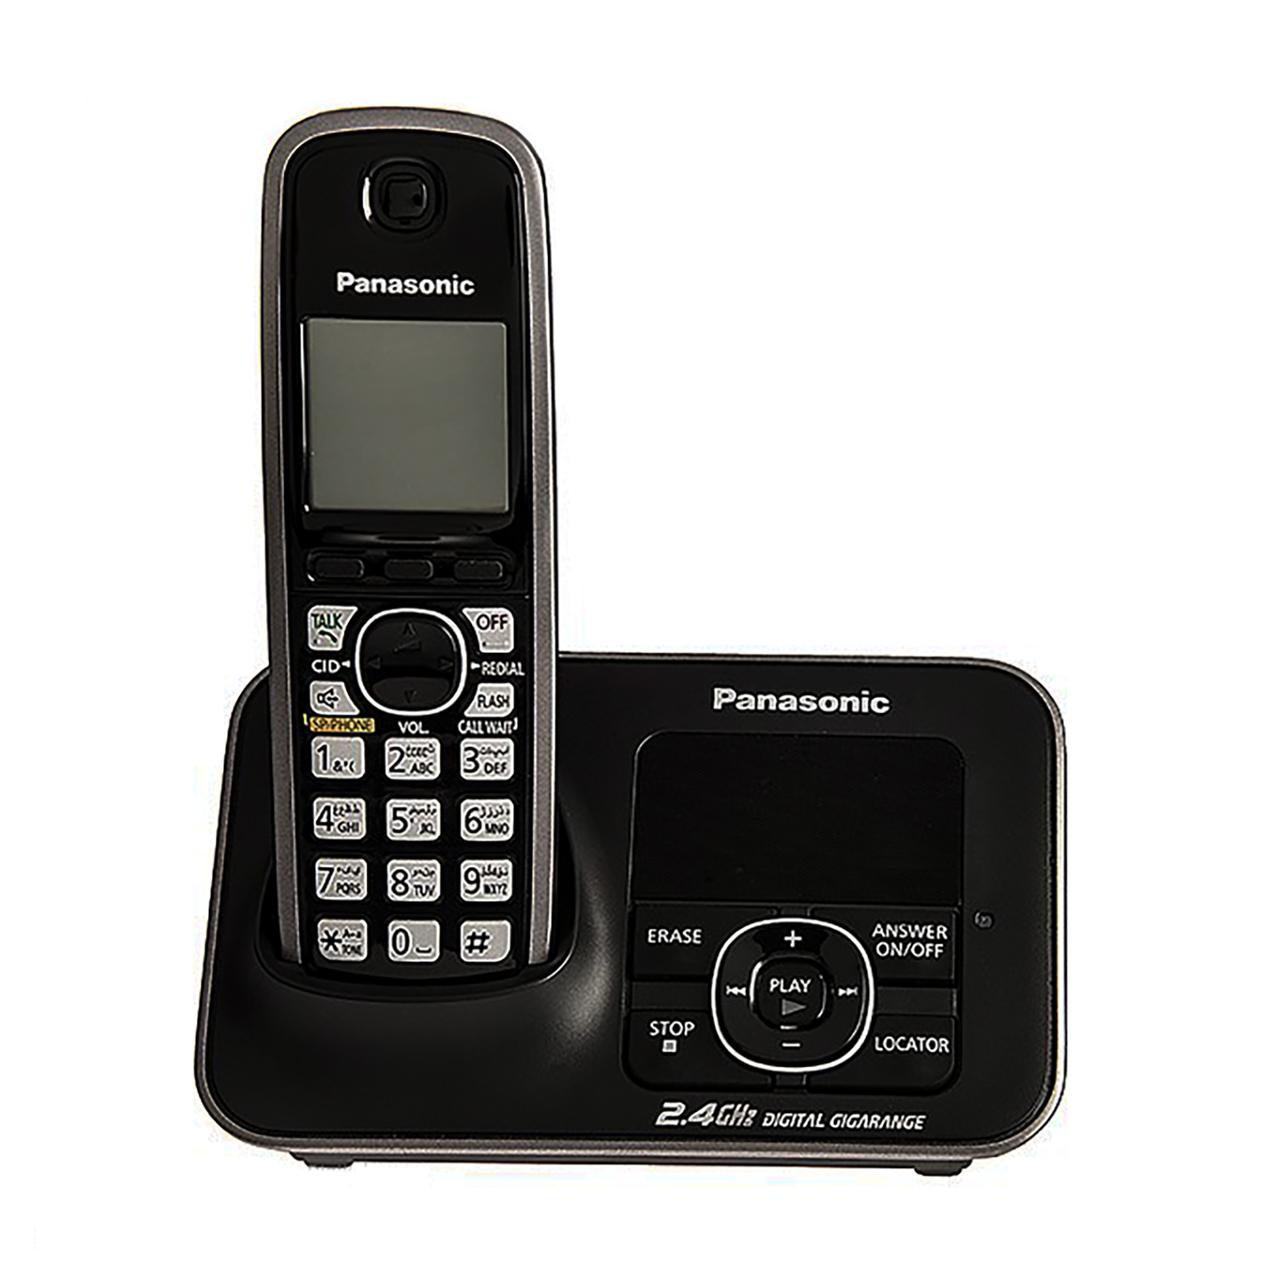 گوشی تلفن بیسیم پاناسونیک مدل Panasonic-KX-TG3721 ساخت مالزی